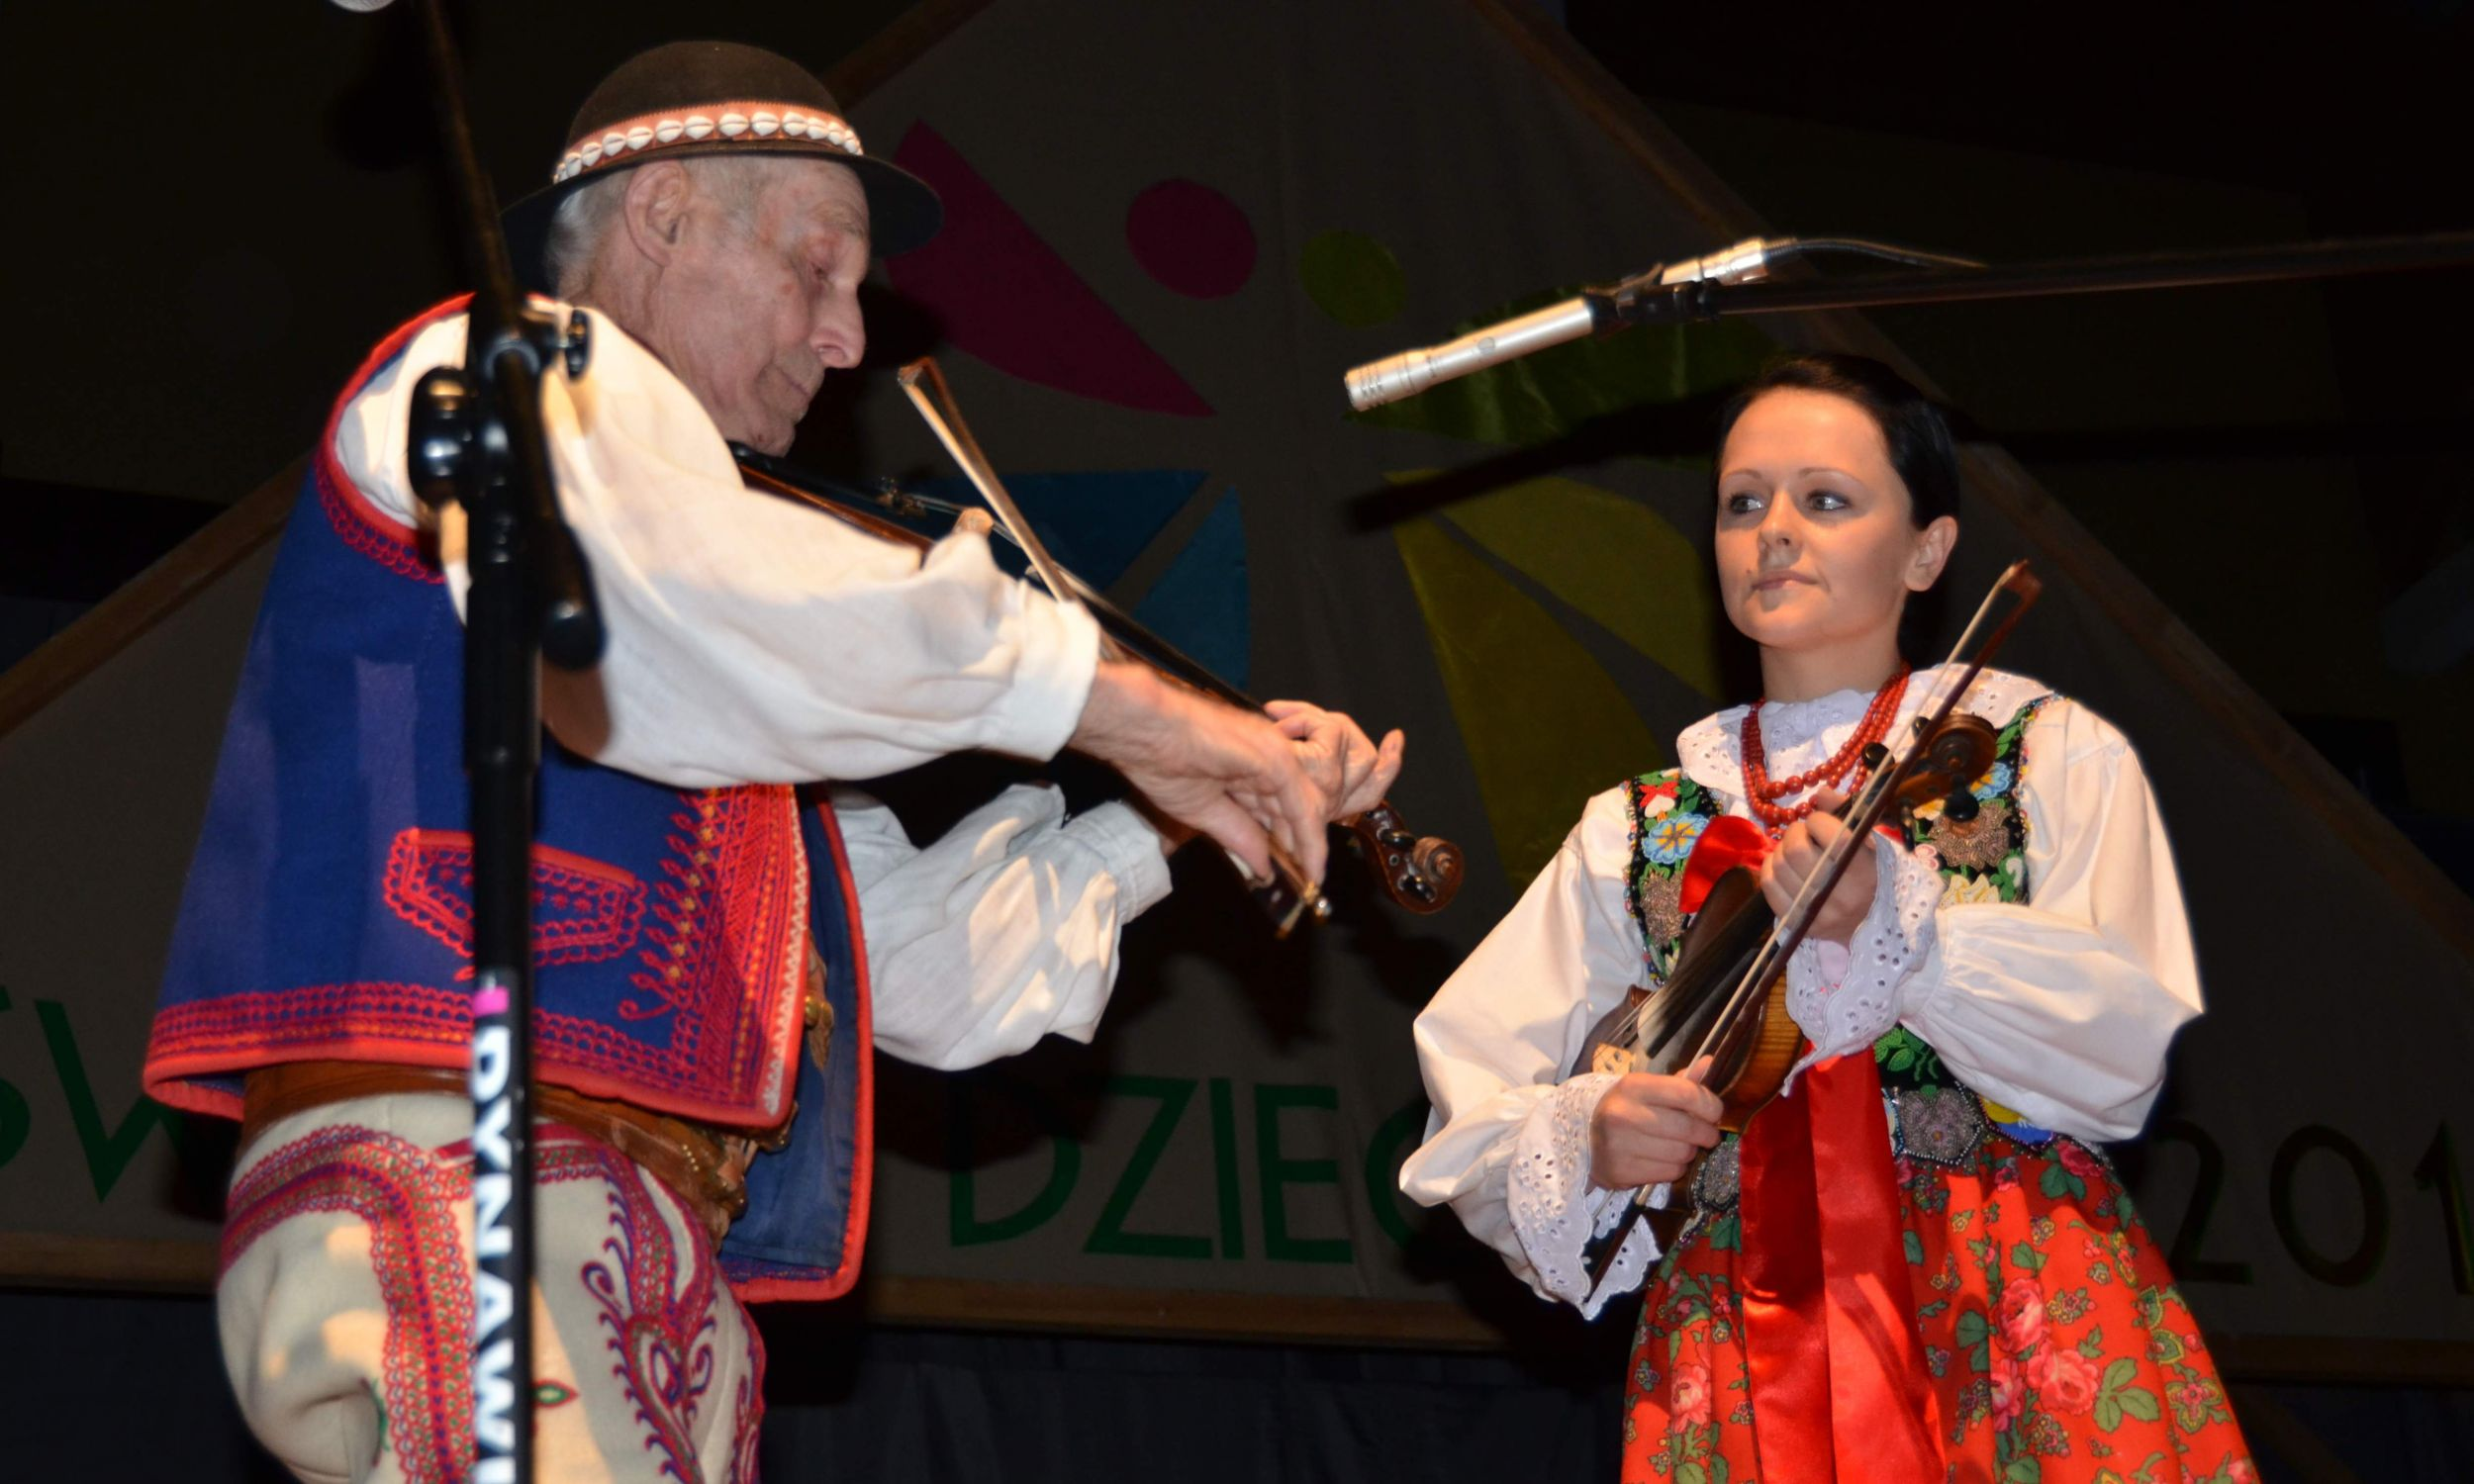 Franciszek Kurzeja i Monika Kurzeja, Święto Dzieci Gór w 2011 r. Fot. Piotr Gryźlak, ze zbiorów Małopolskiego Centrum Kultury SOKÓŁ w Nowym Sączu